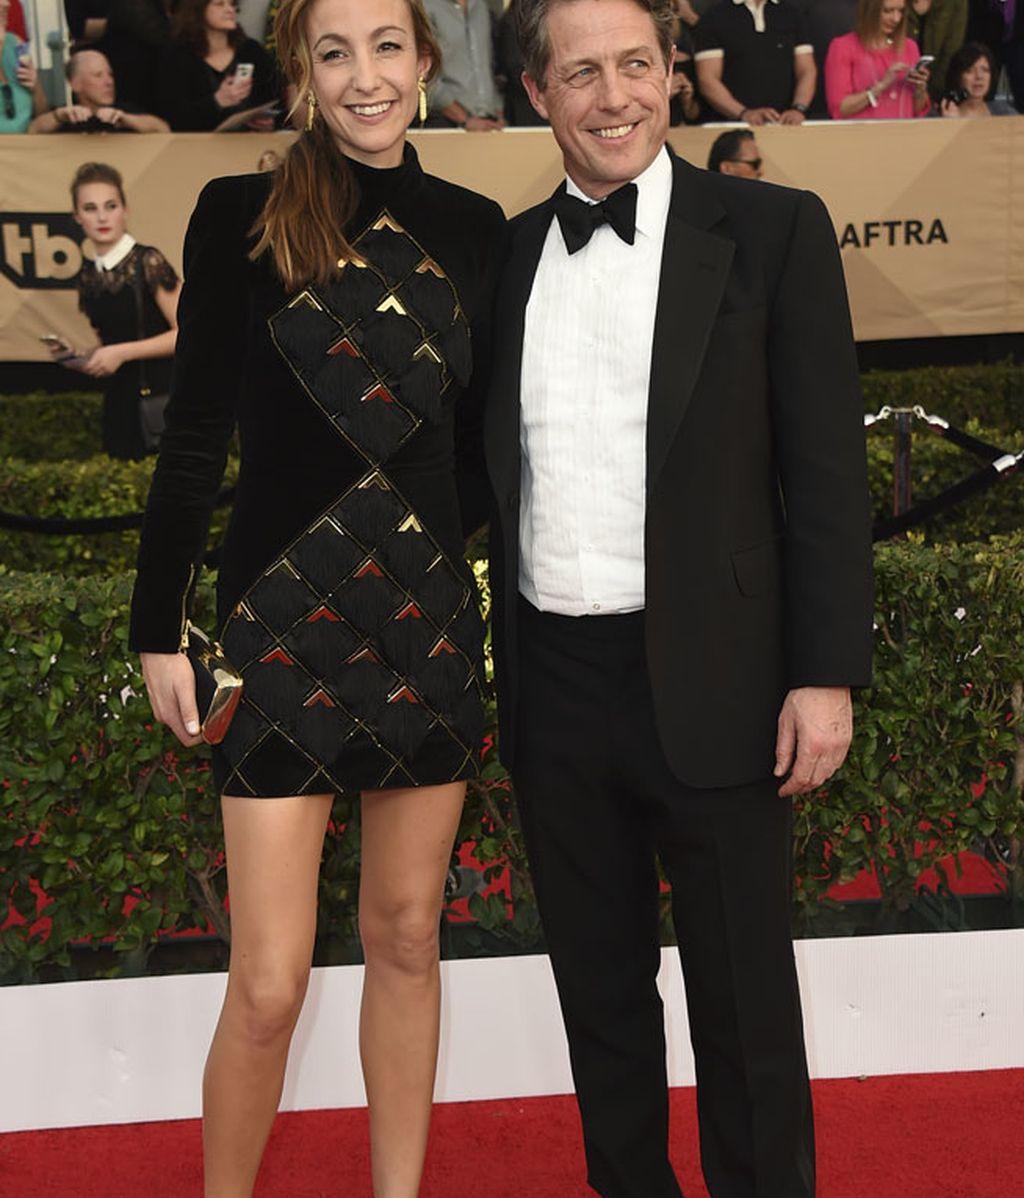 Anna Elisabet Eberstein y Hugh Grant, juntos de nuevo en la alfombra roja